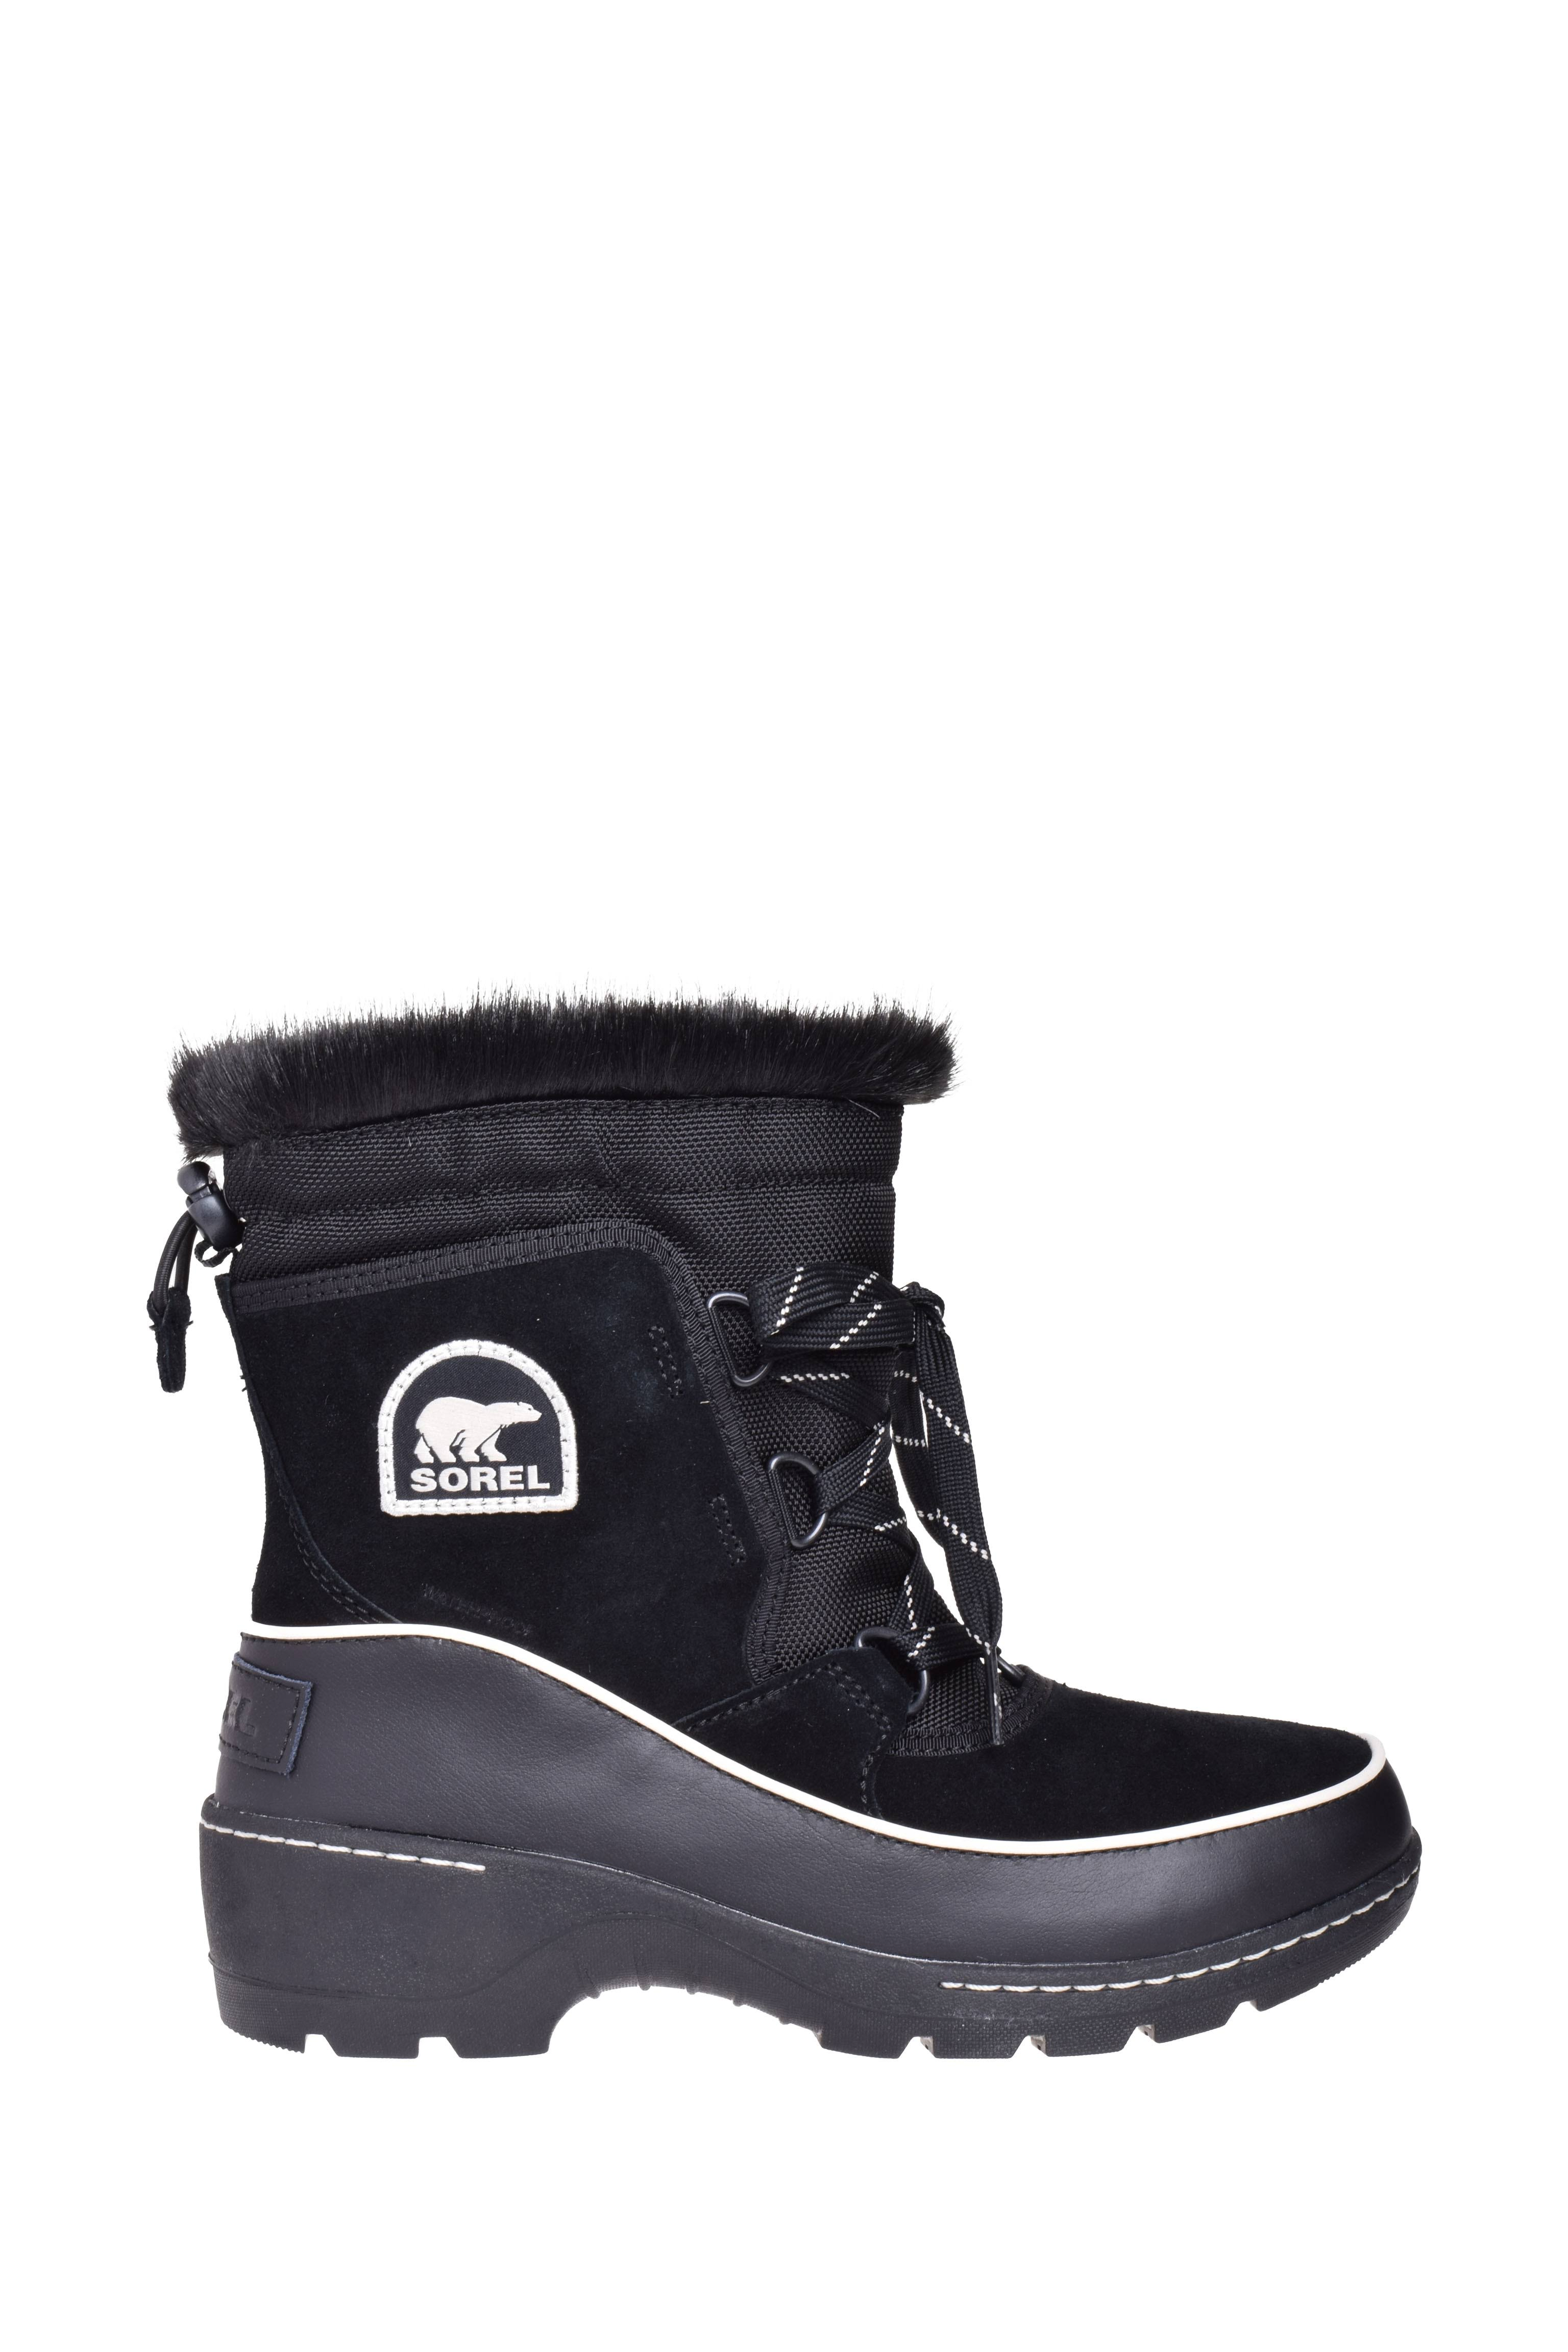 Sorel Boot Women'sBlack7 Iii 5 Tivoli Blacklightbisque 80vwmNnO